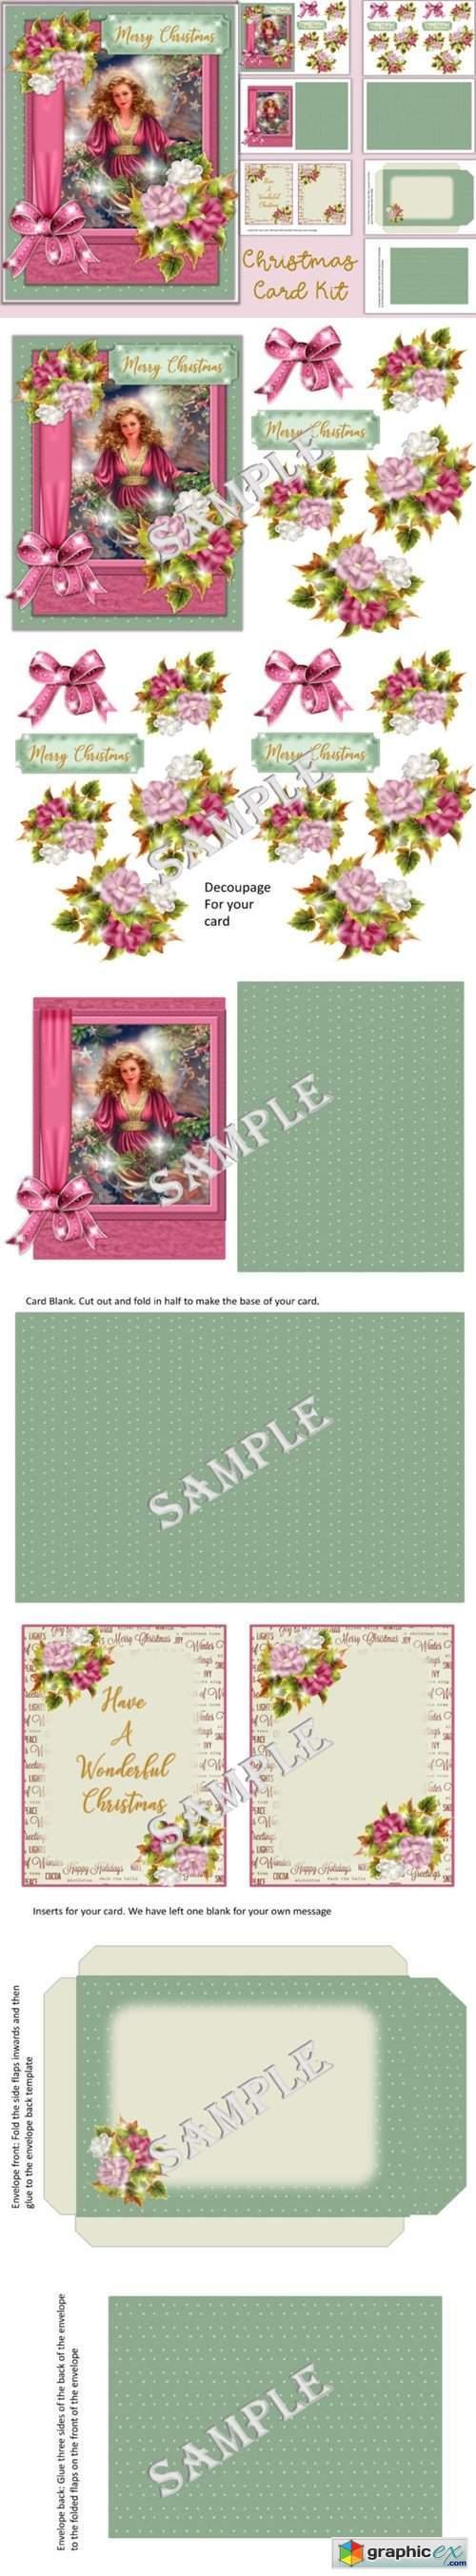 Christmas Card Kit SVG, PNG & JPEG